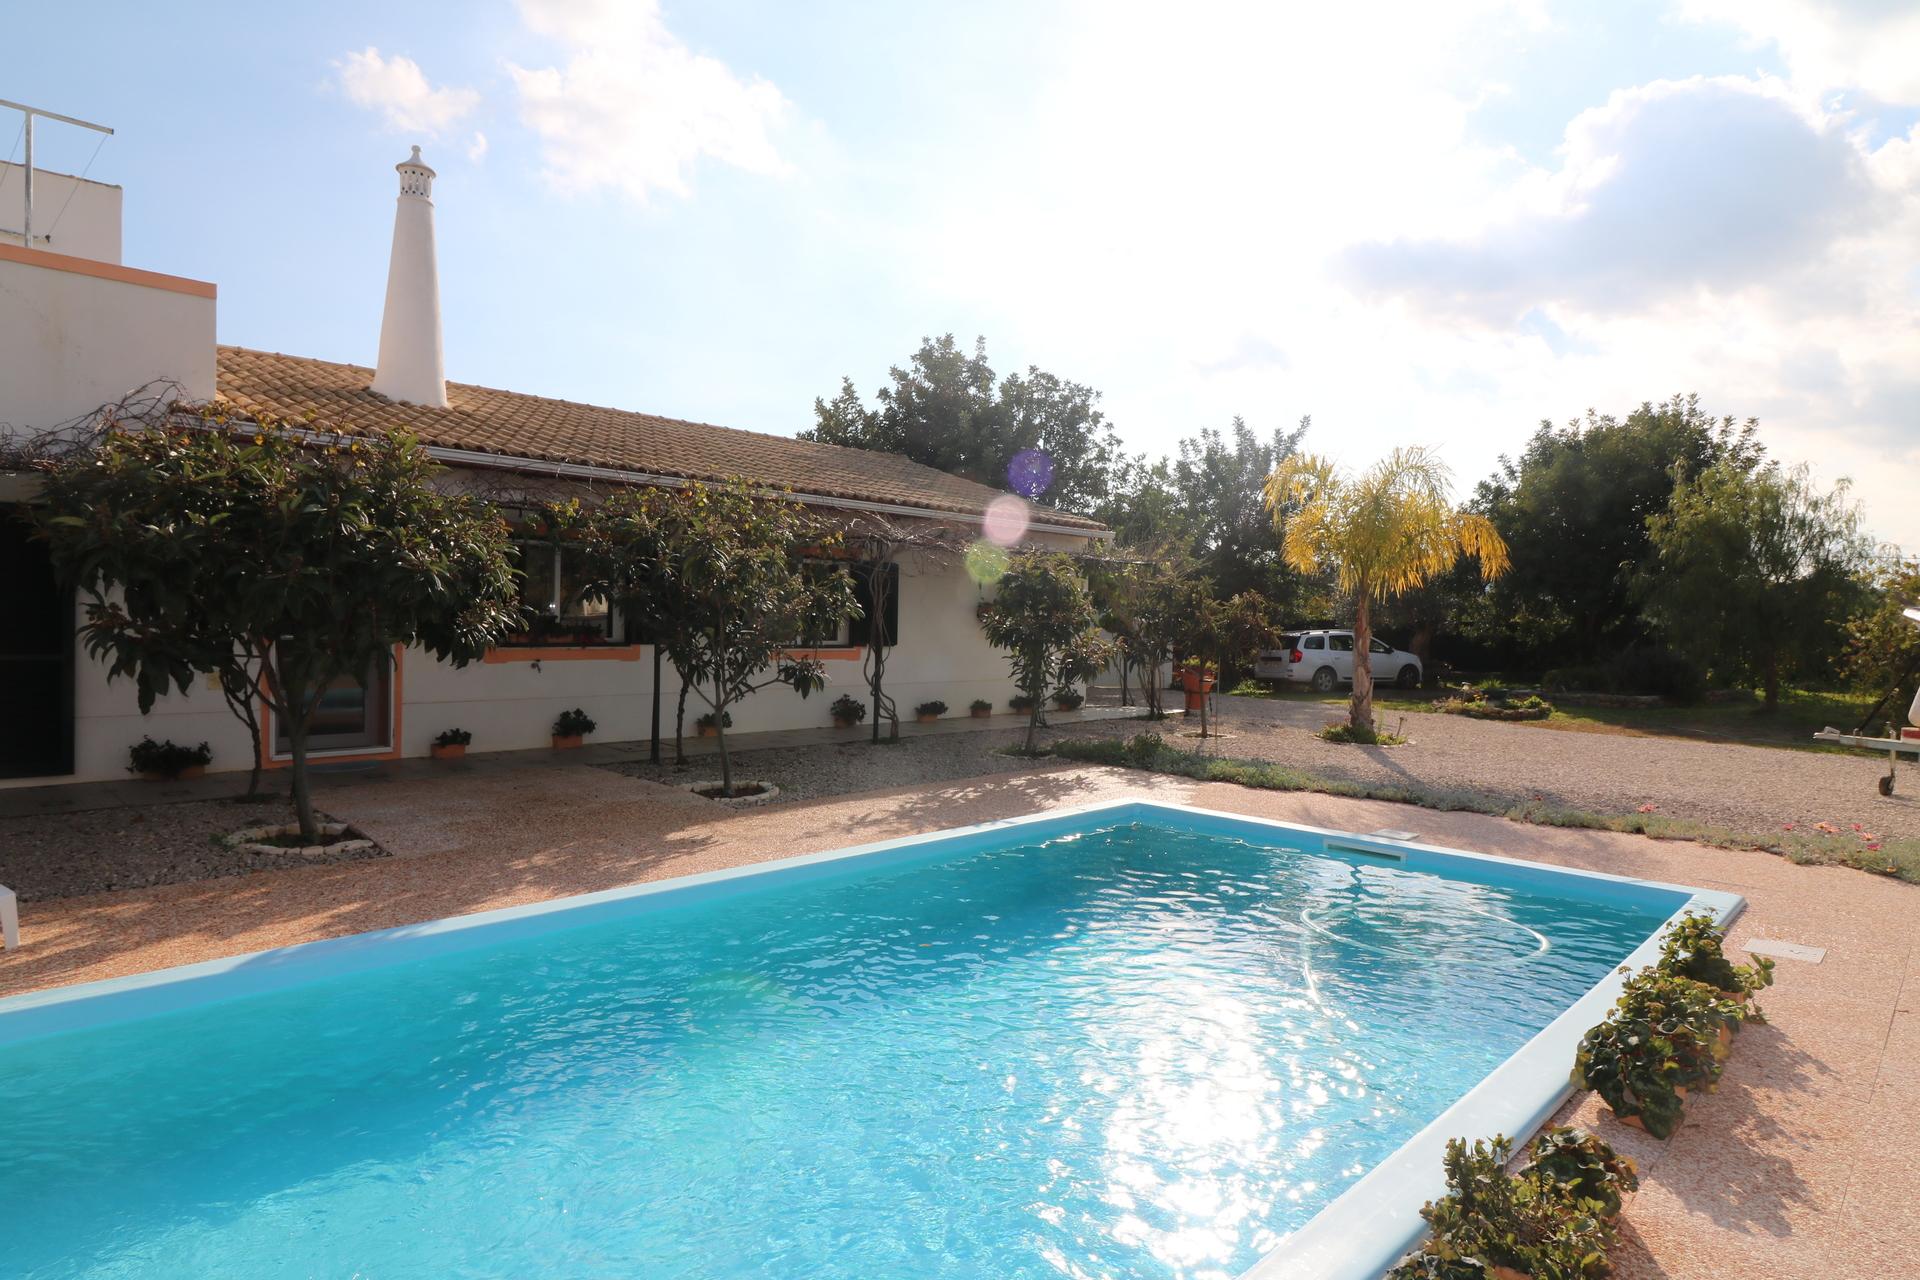 4 Bedroom Villa Santa Catarina da Fonte do Bispo, Eastern Algarve Ref: JV10328